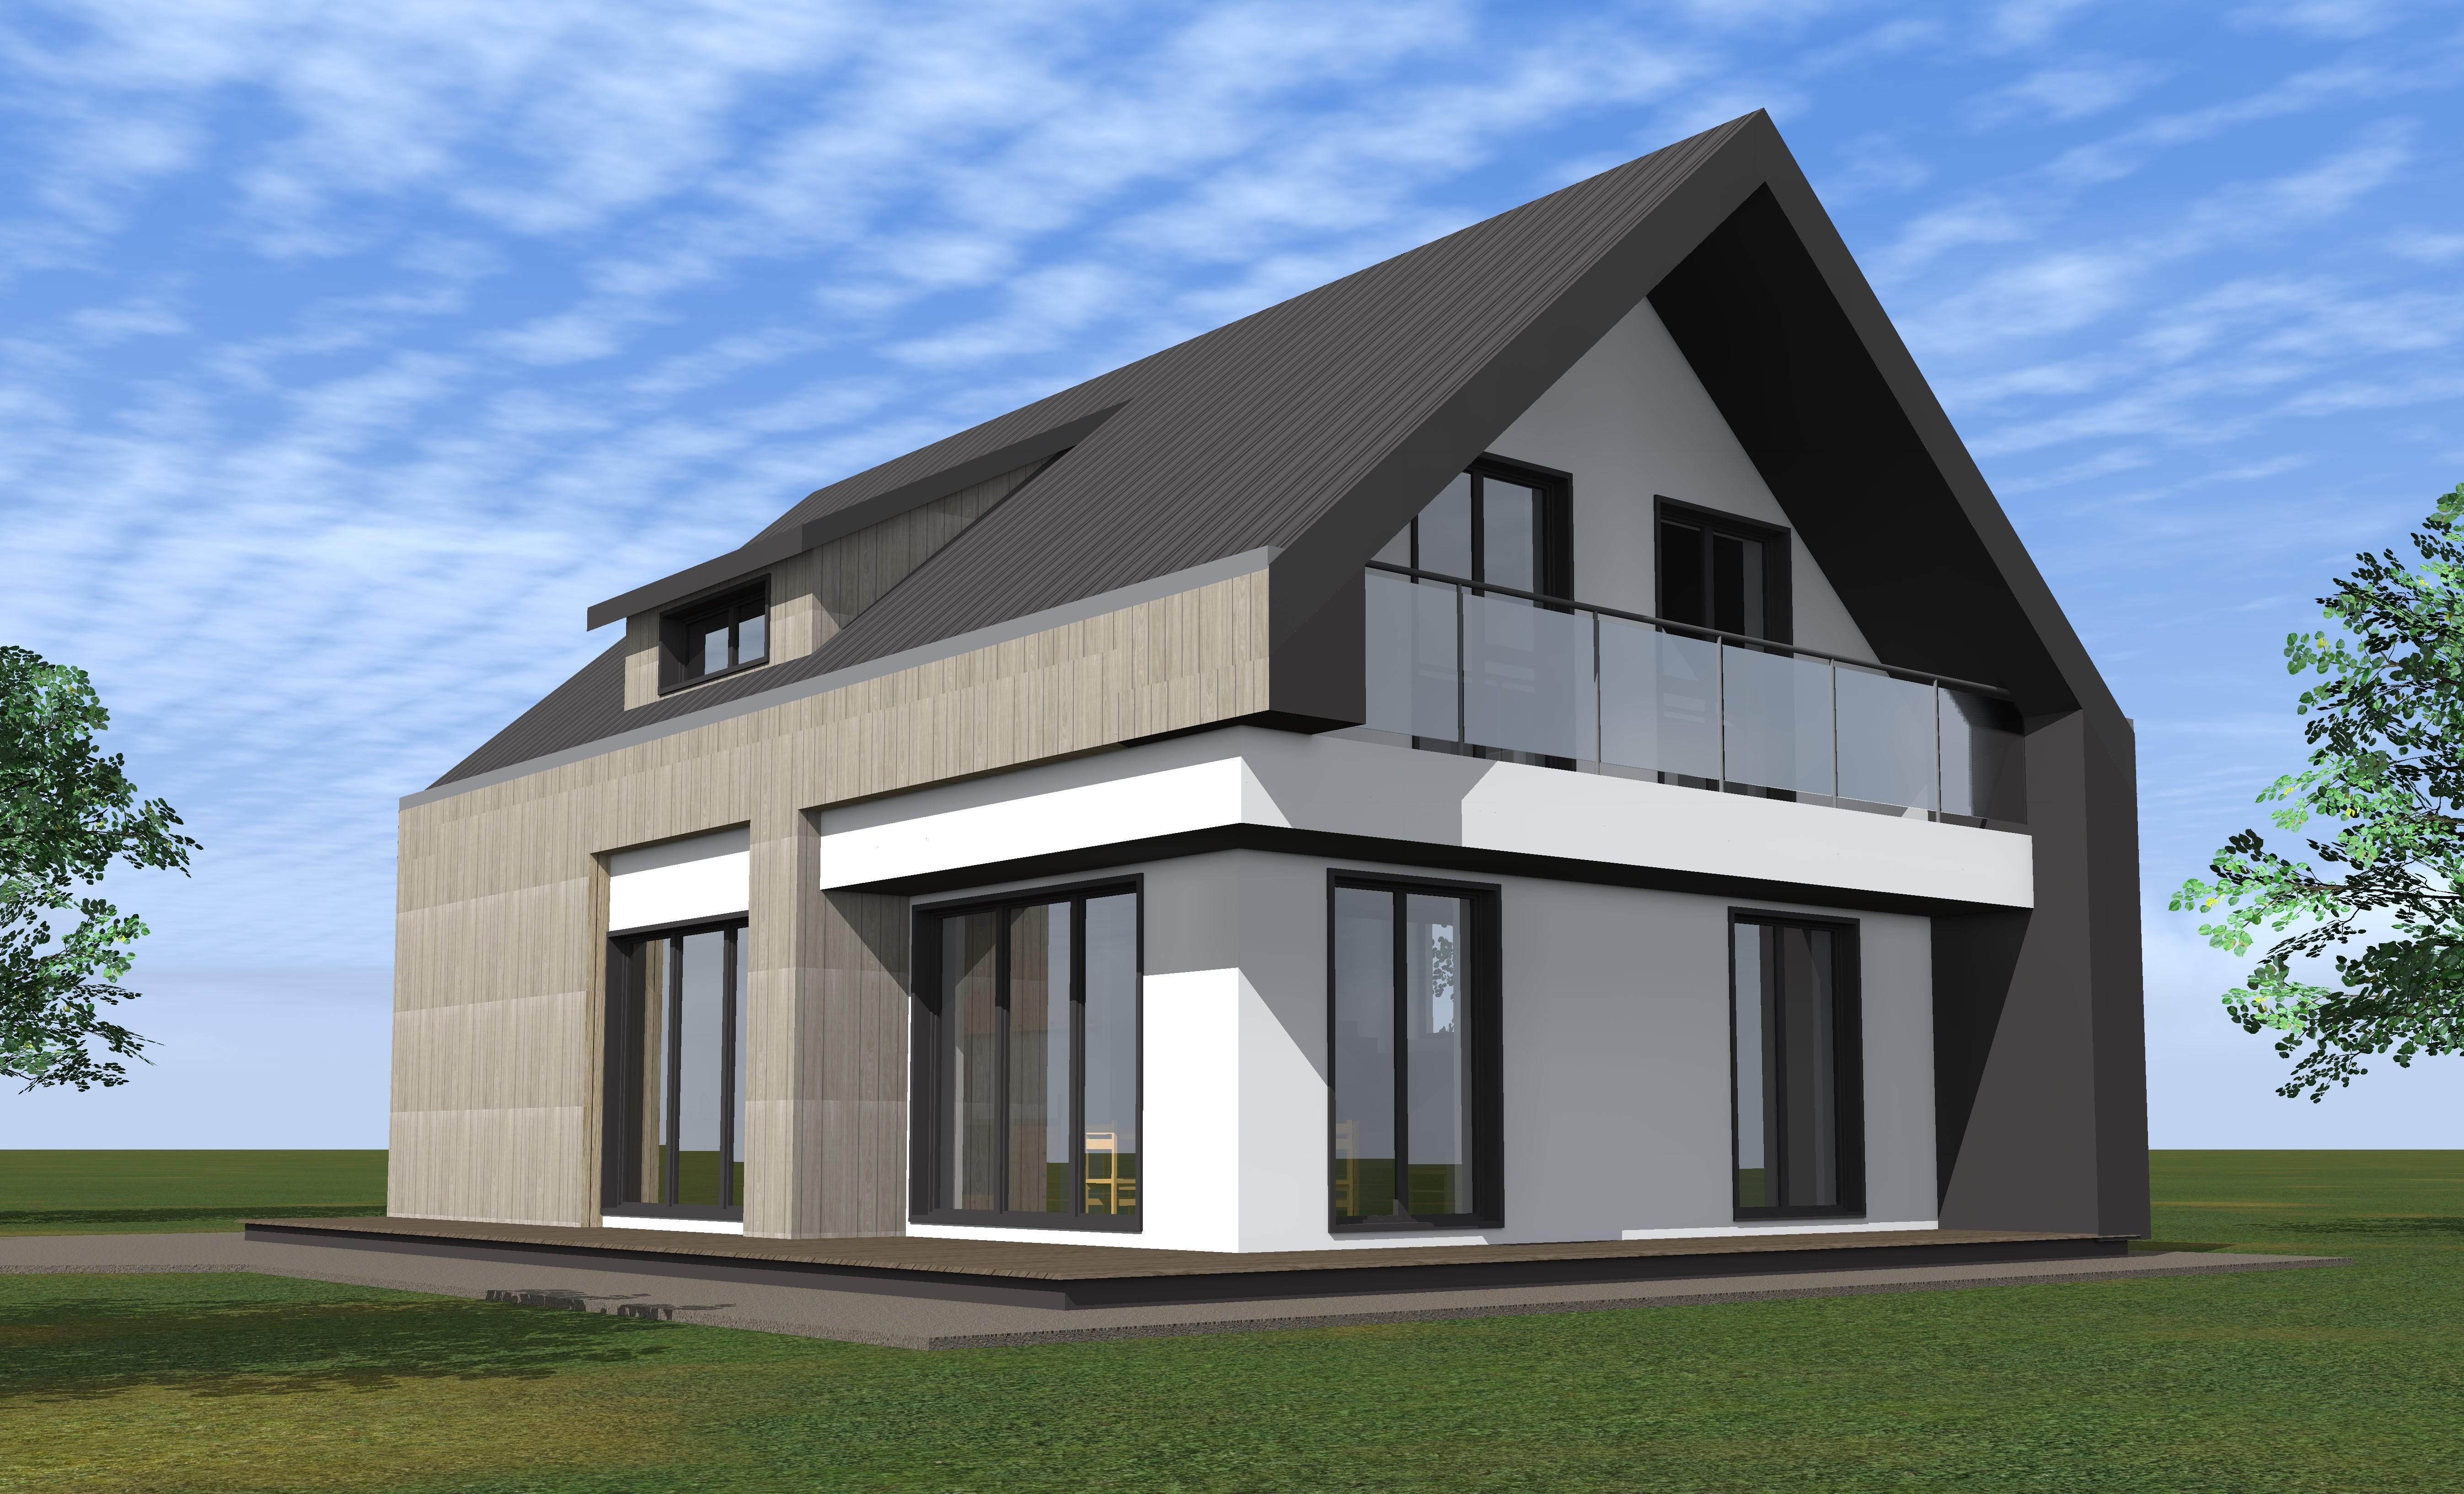 Viebučio gyvenamojo namo projektas